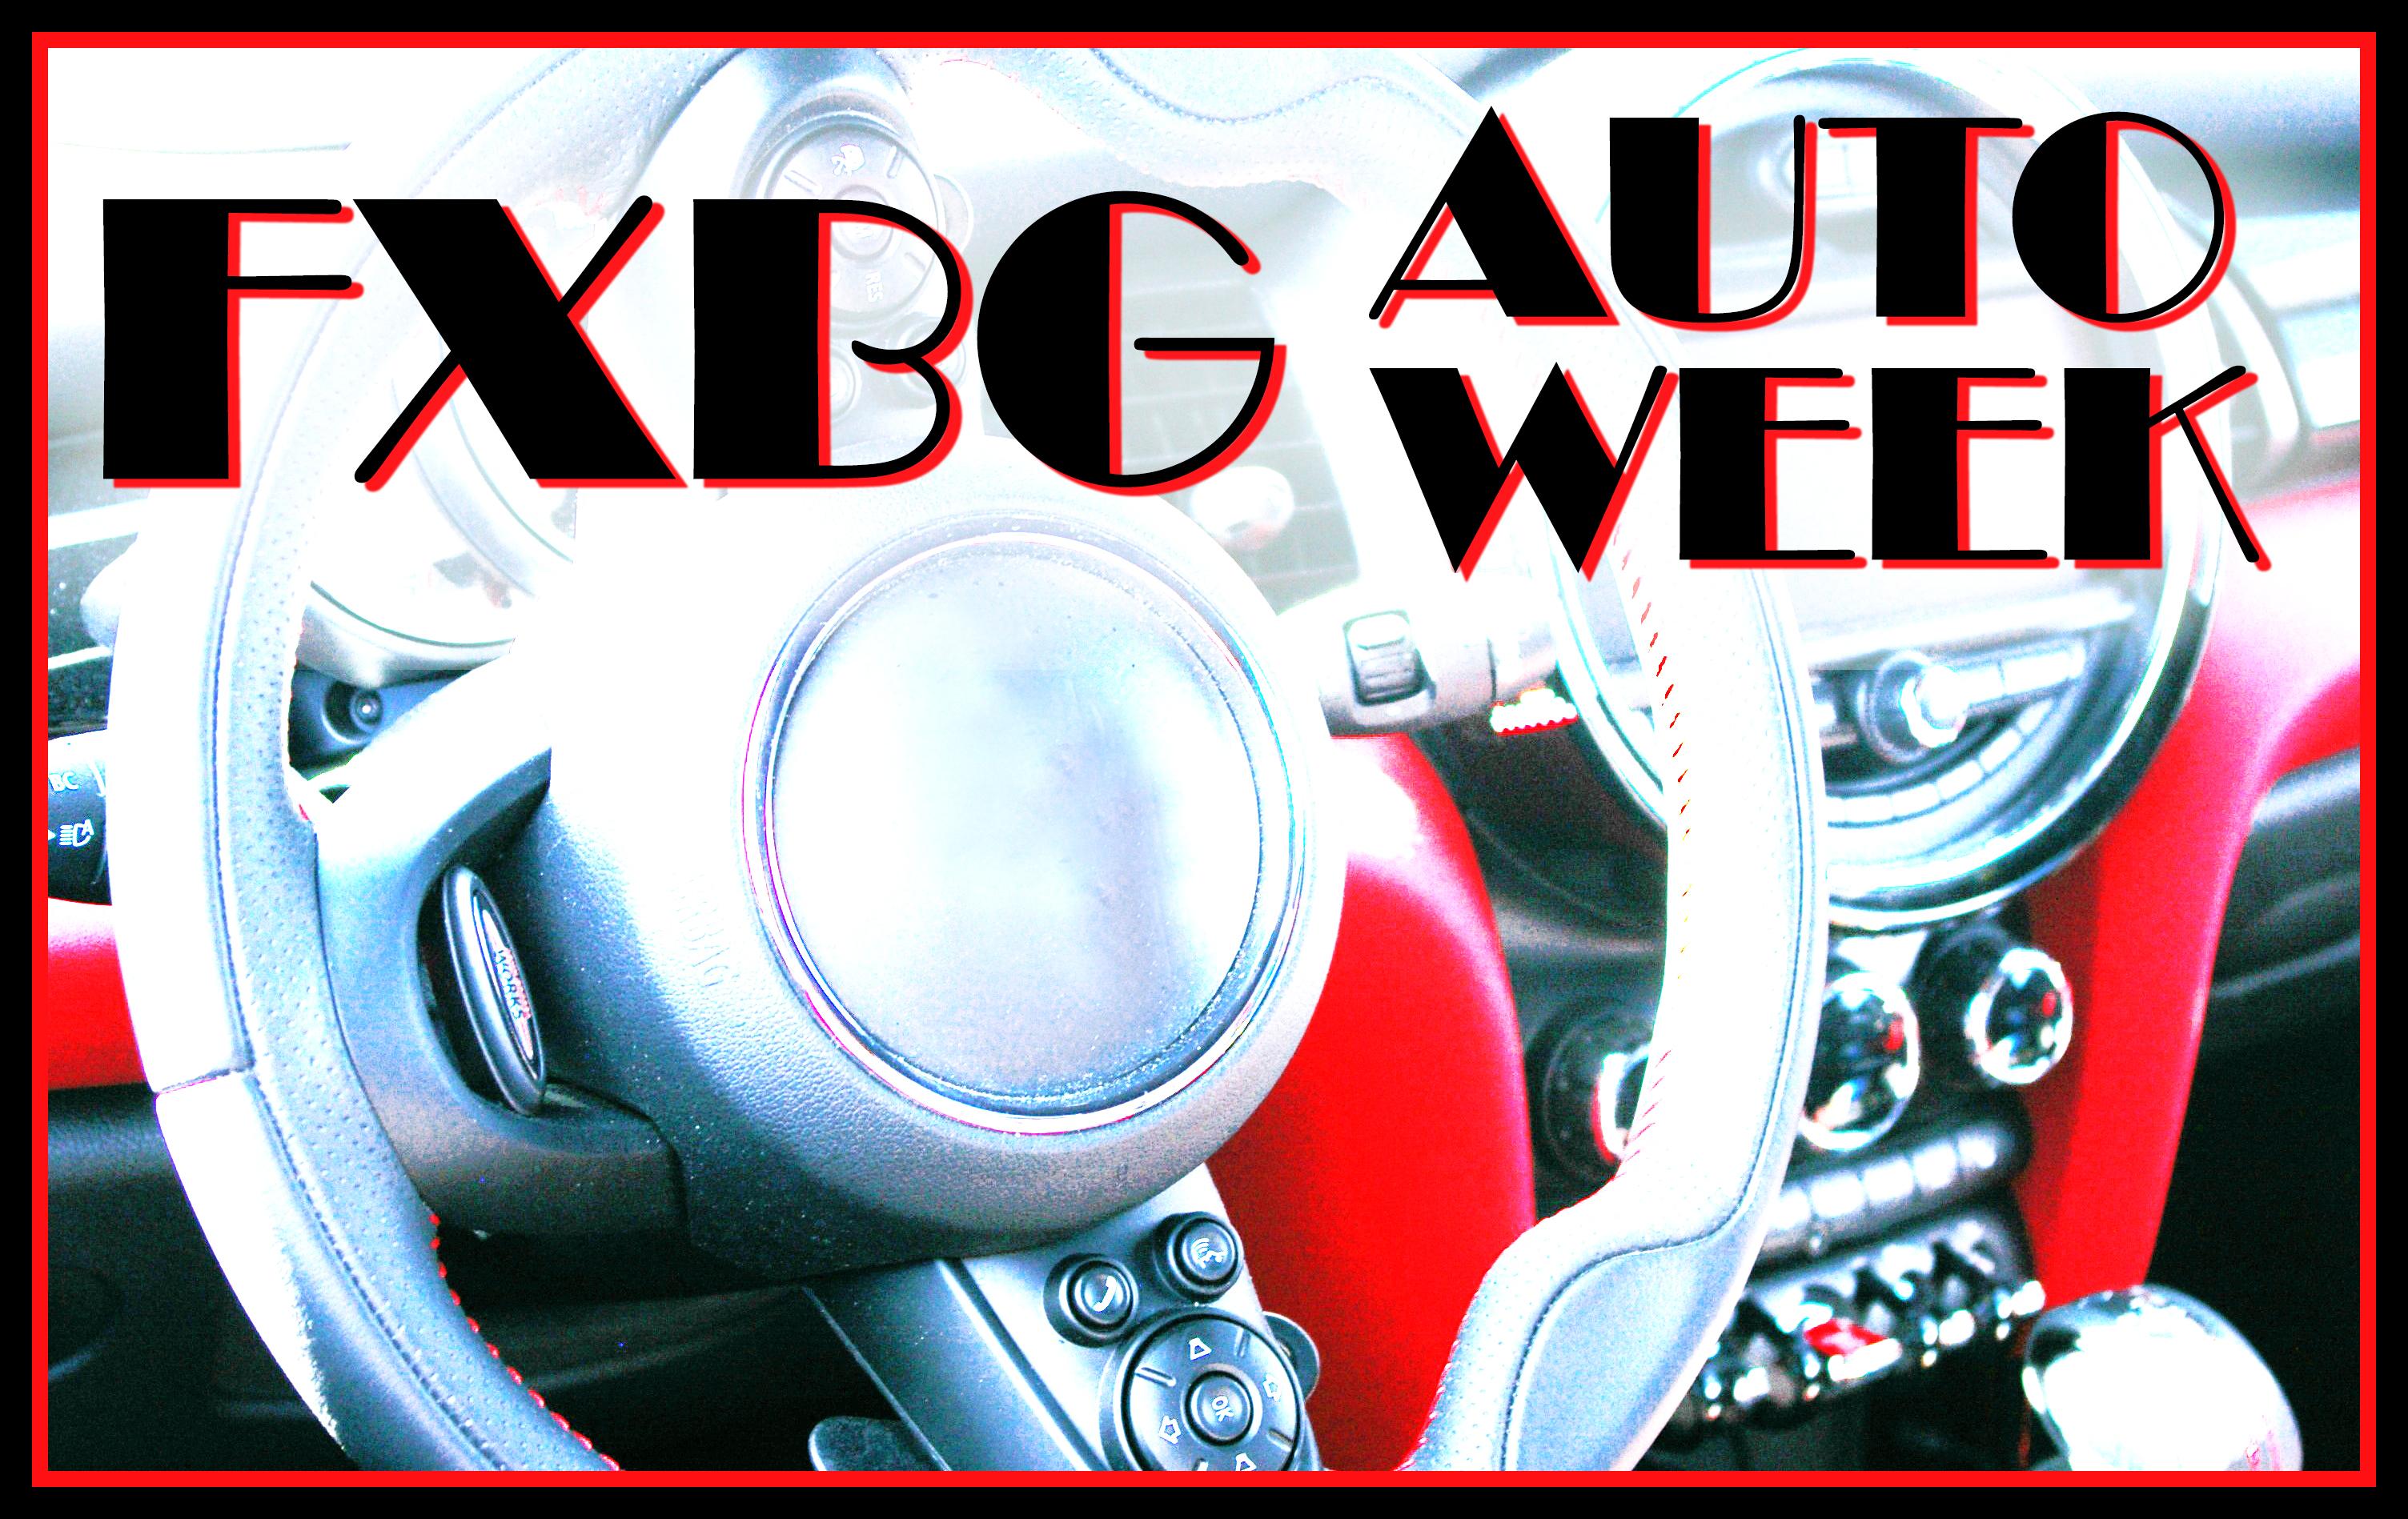 Auto Week Ad